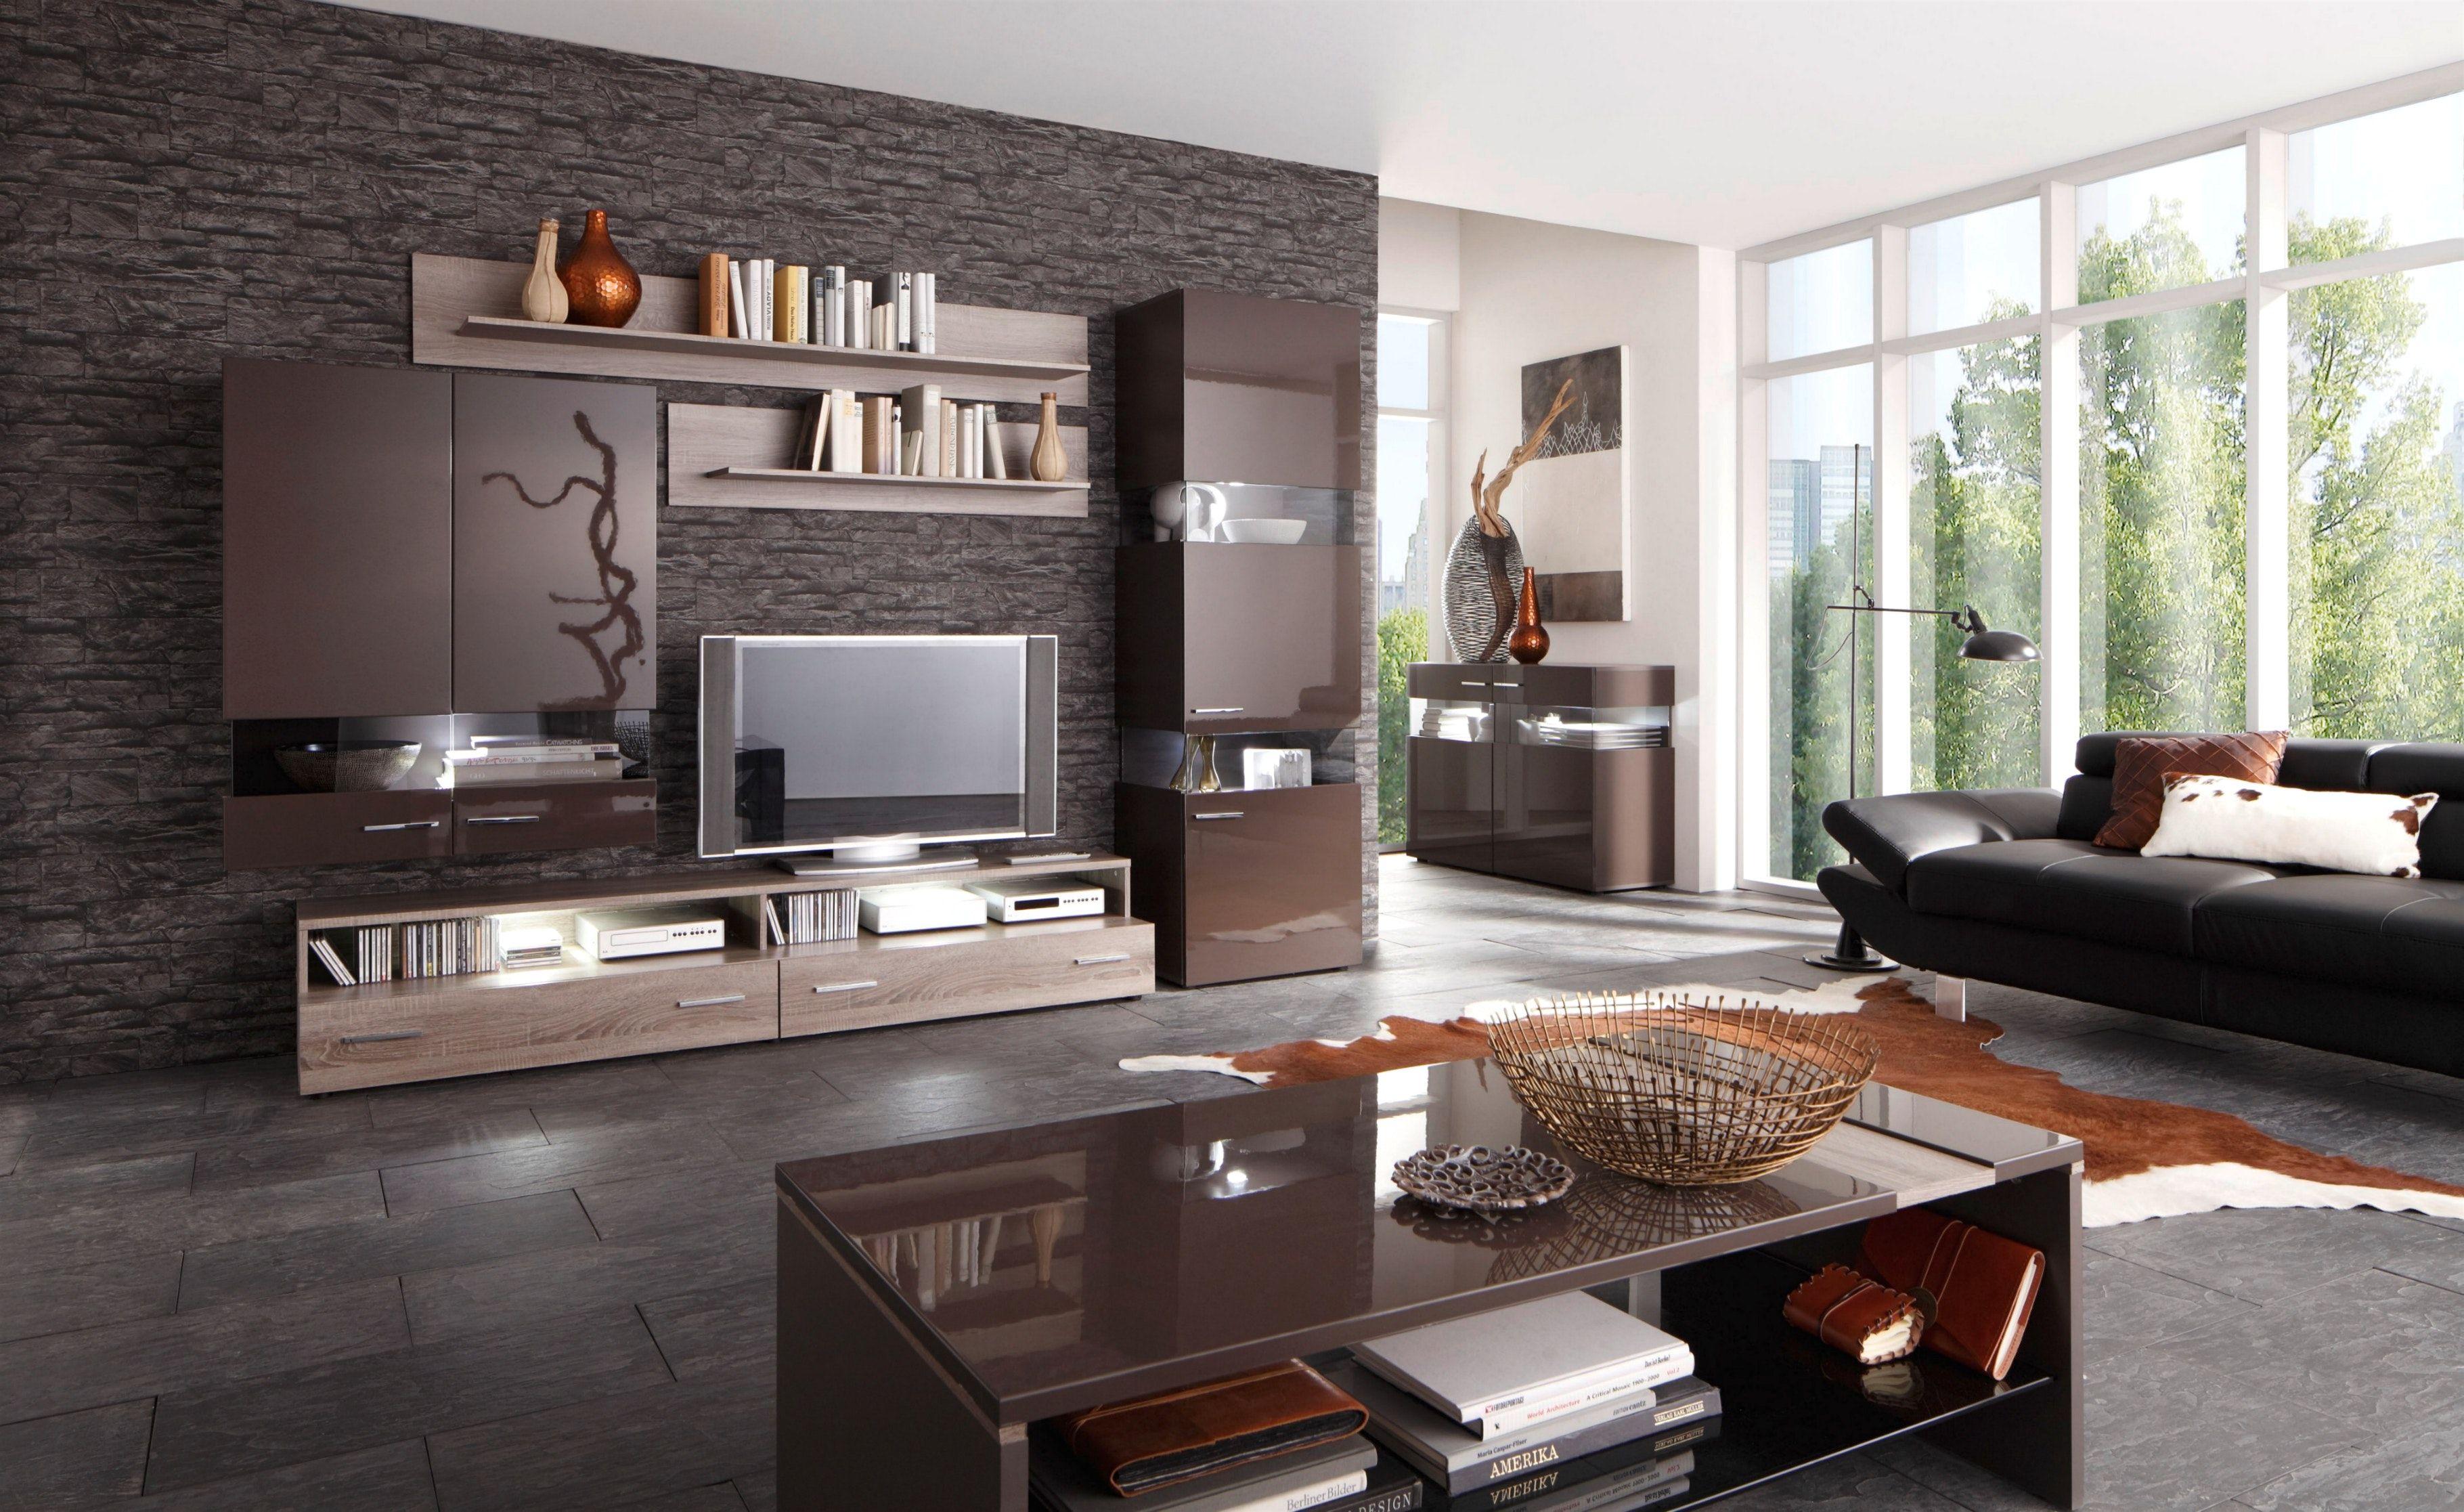 Wohnzimmereinrichtung Ideen Braun